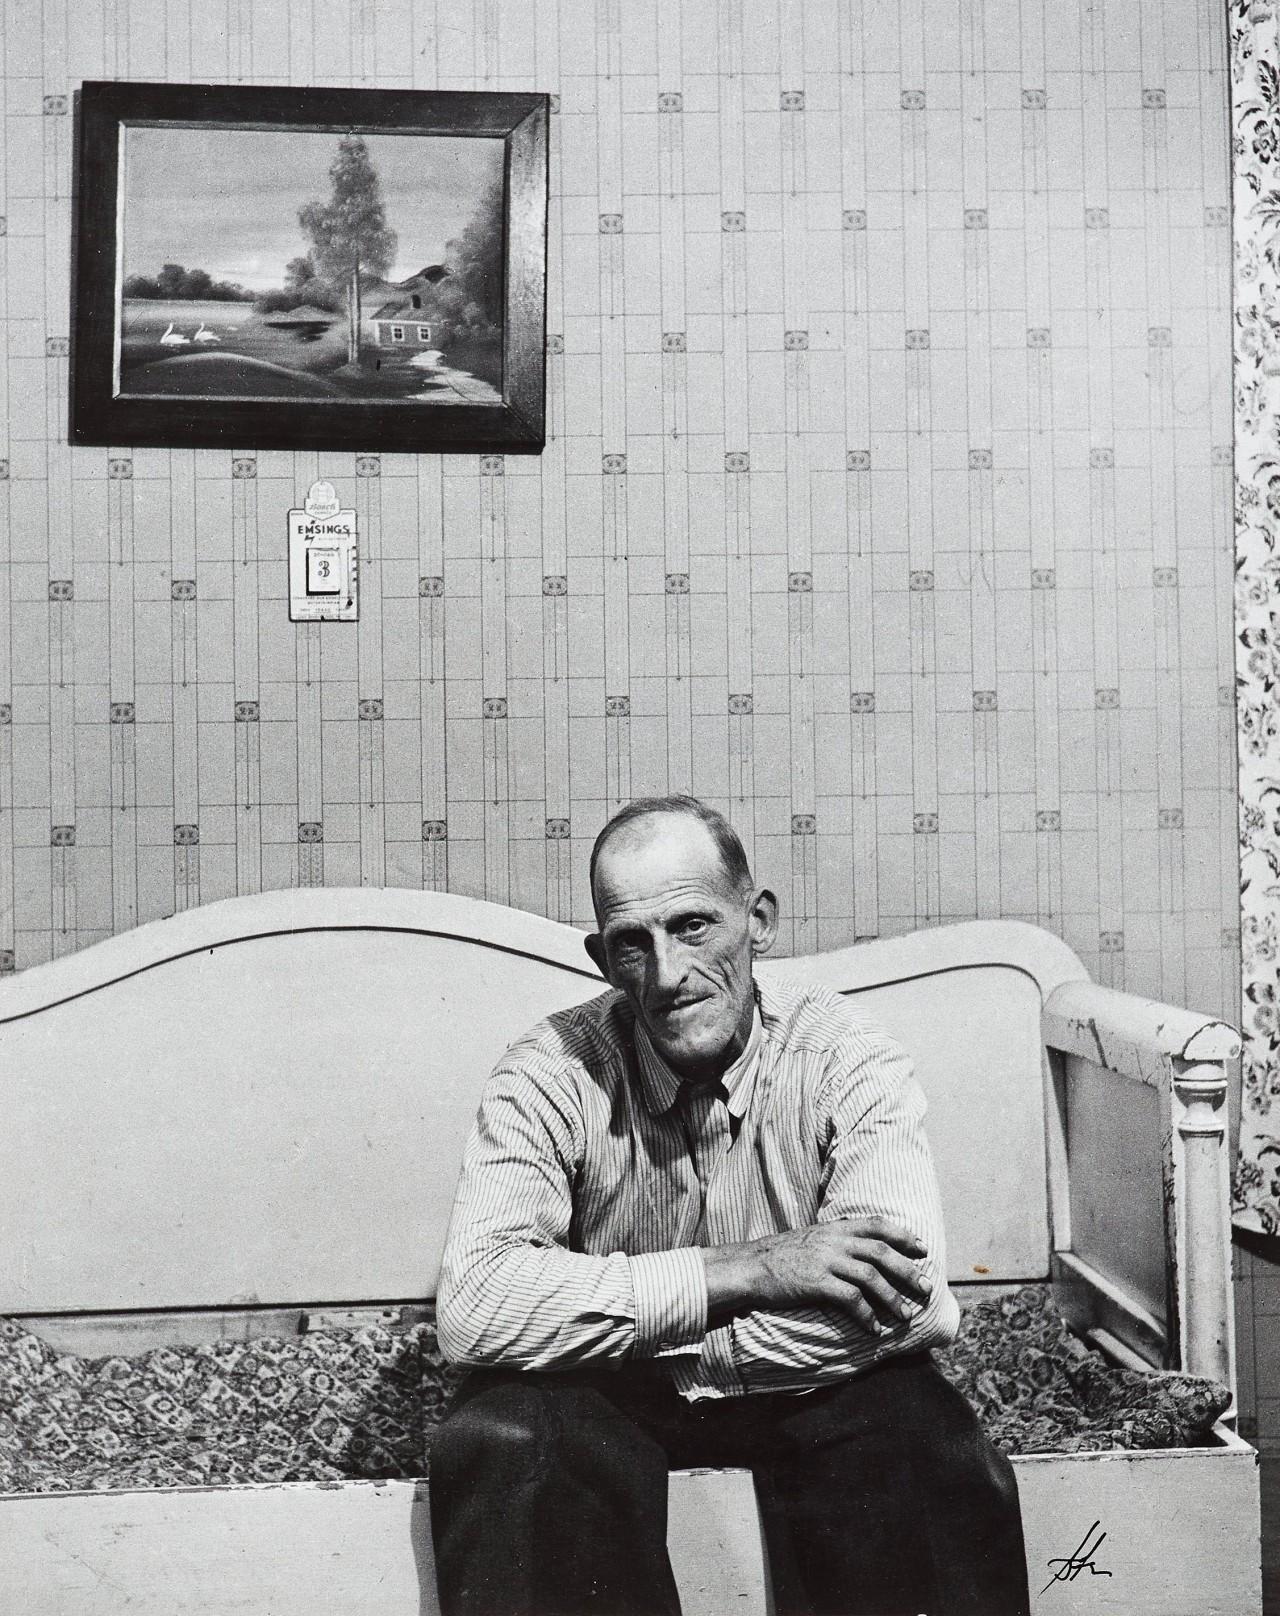 Джонс, 1950-е. Автор Суне Юнссон